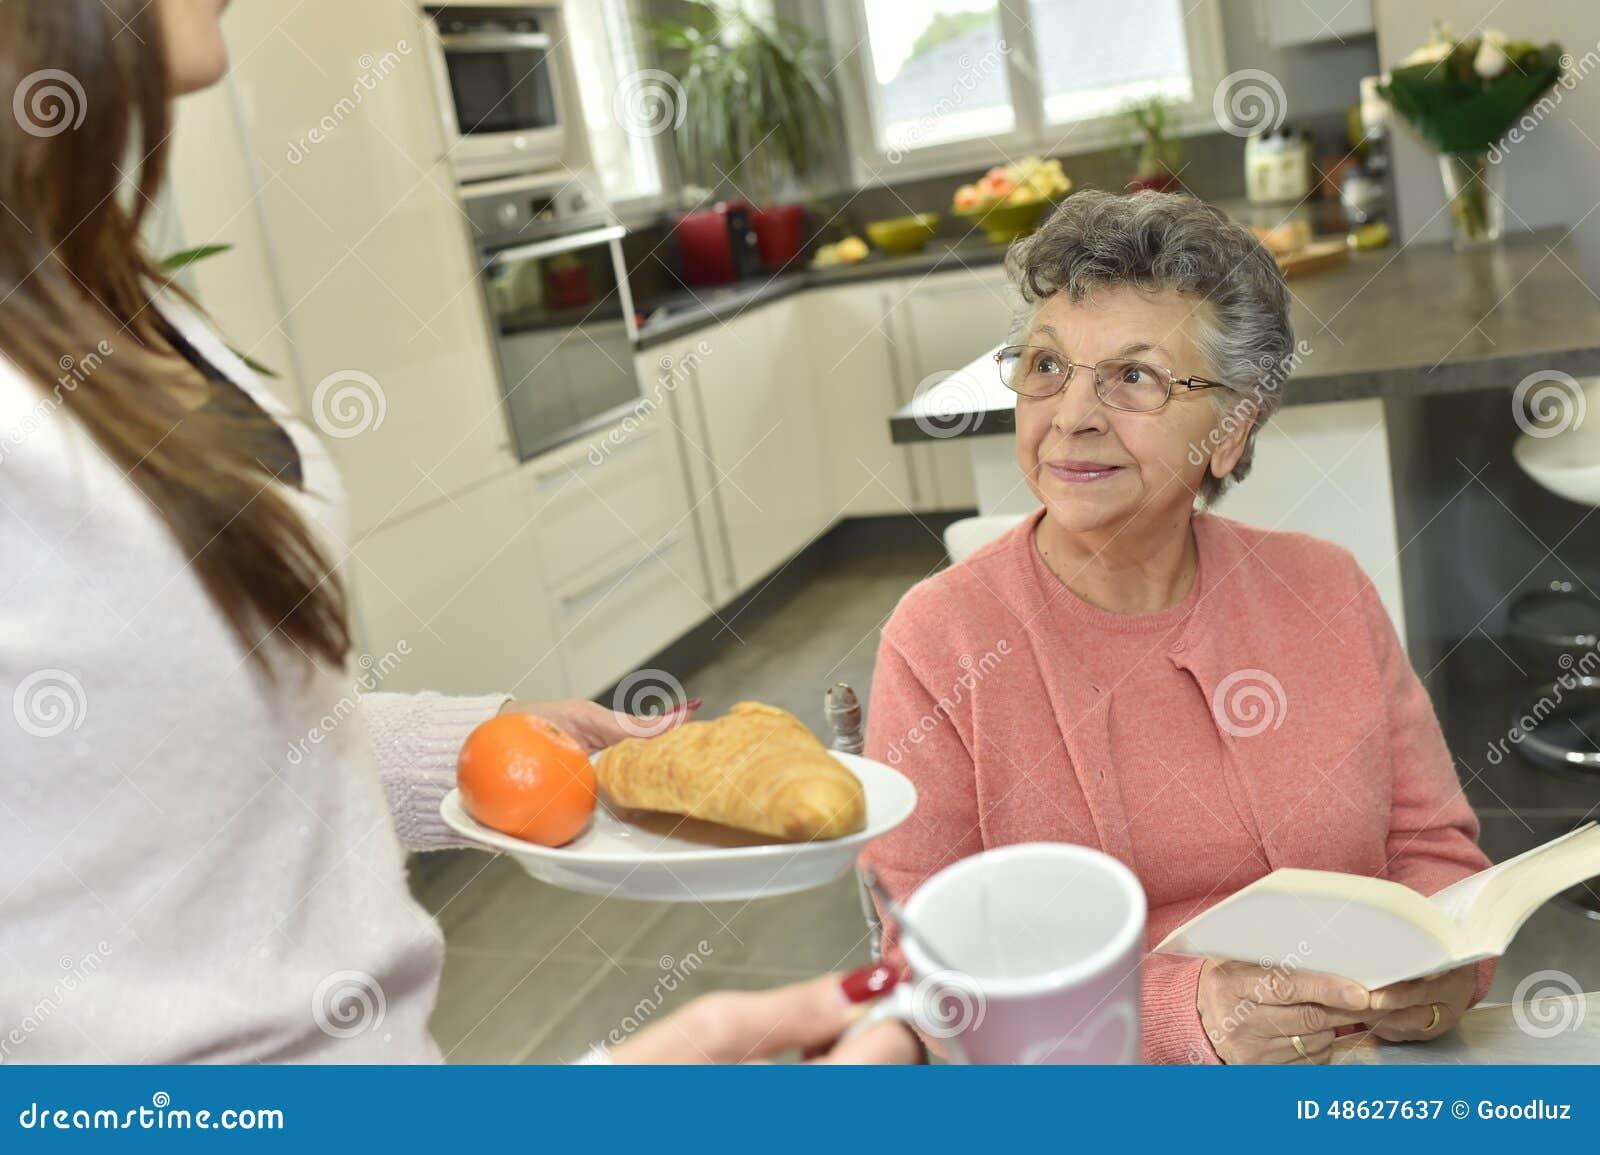 Comida casera de la porción del cuidador a una mujer mayor